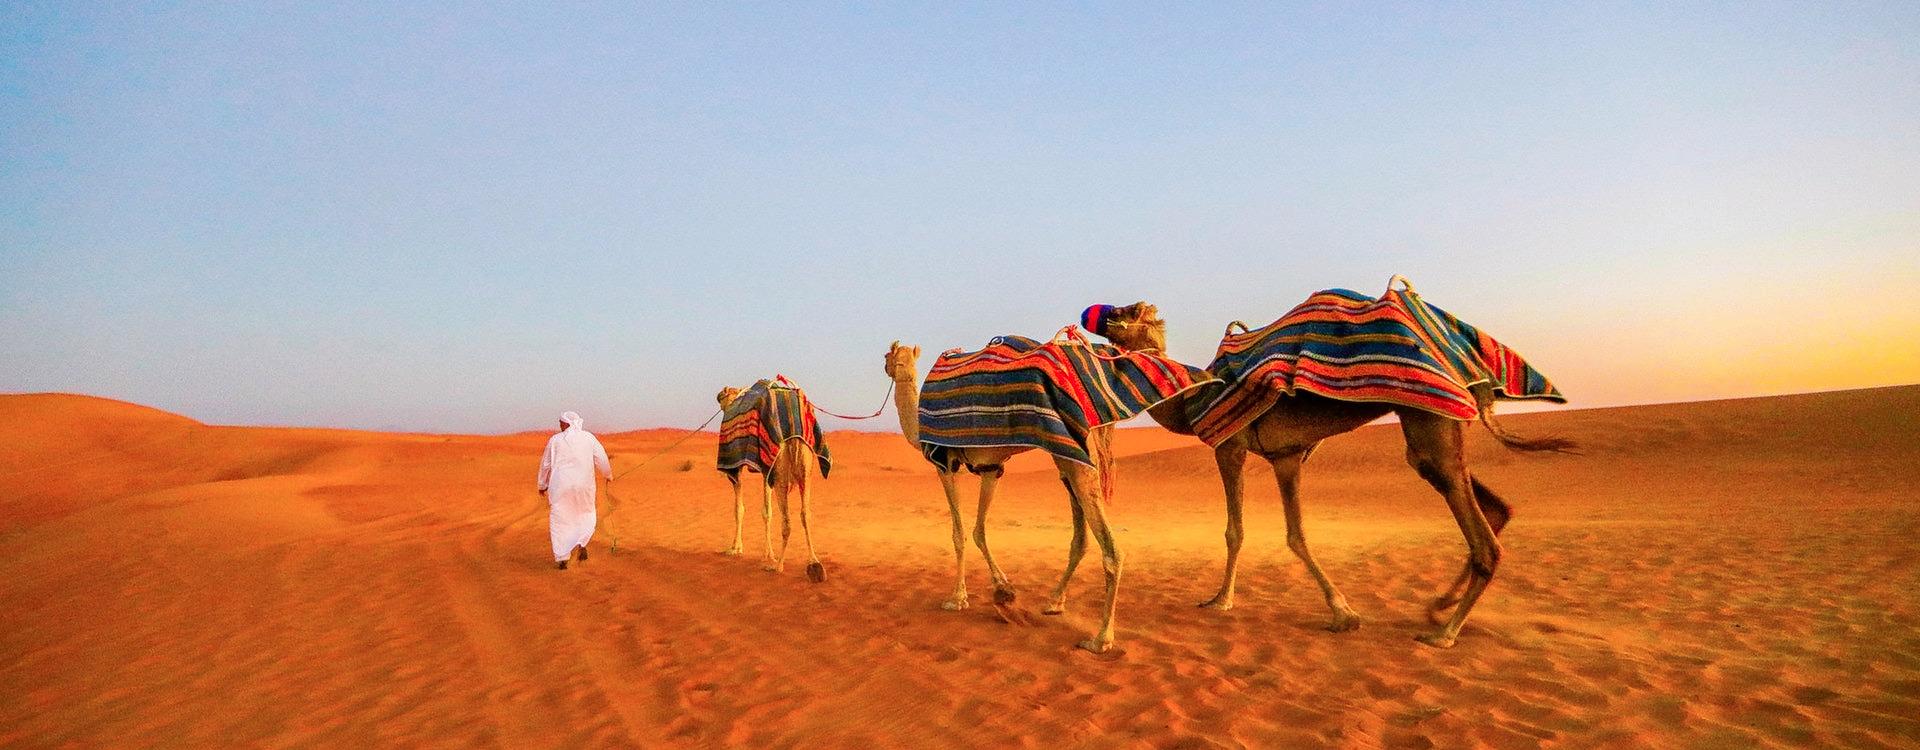 1511268180_4af07bf0-d543-4944-b990-28186479421b-1906-dubai-morning-camel-safari-01.jpg